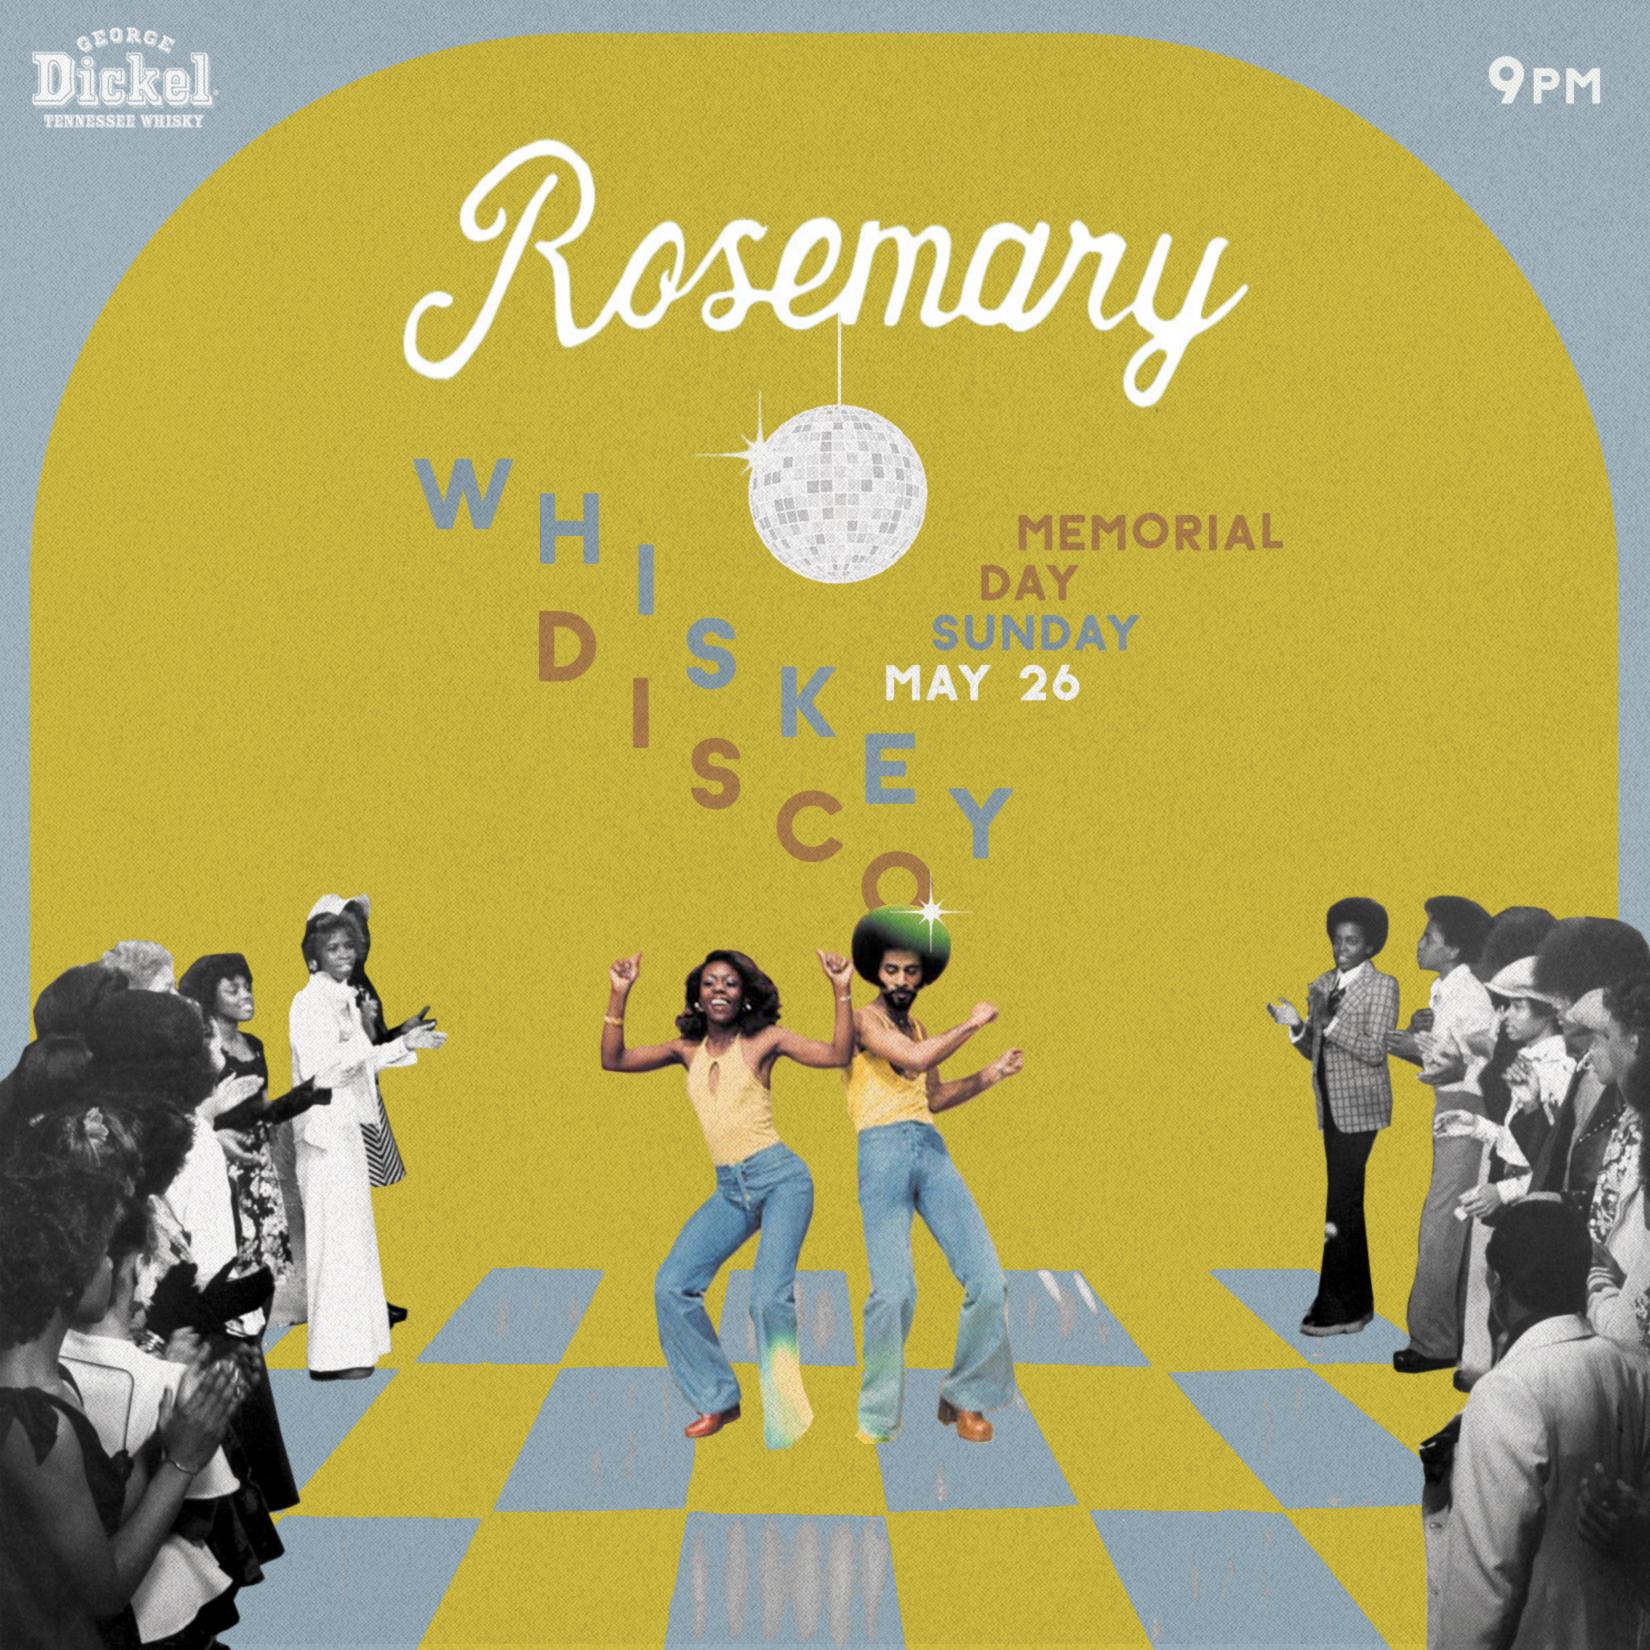 Rosemary - Poster 5.26.19.jpg